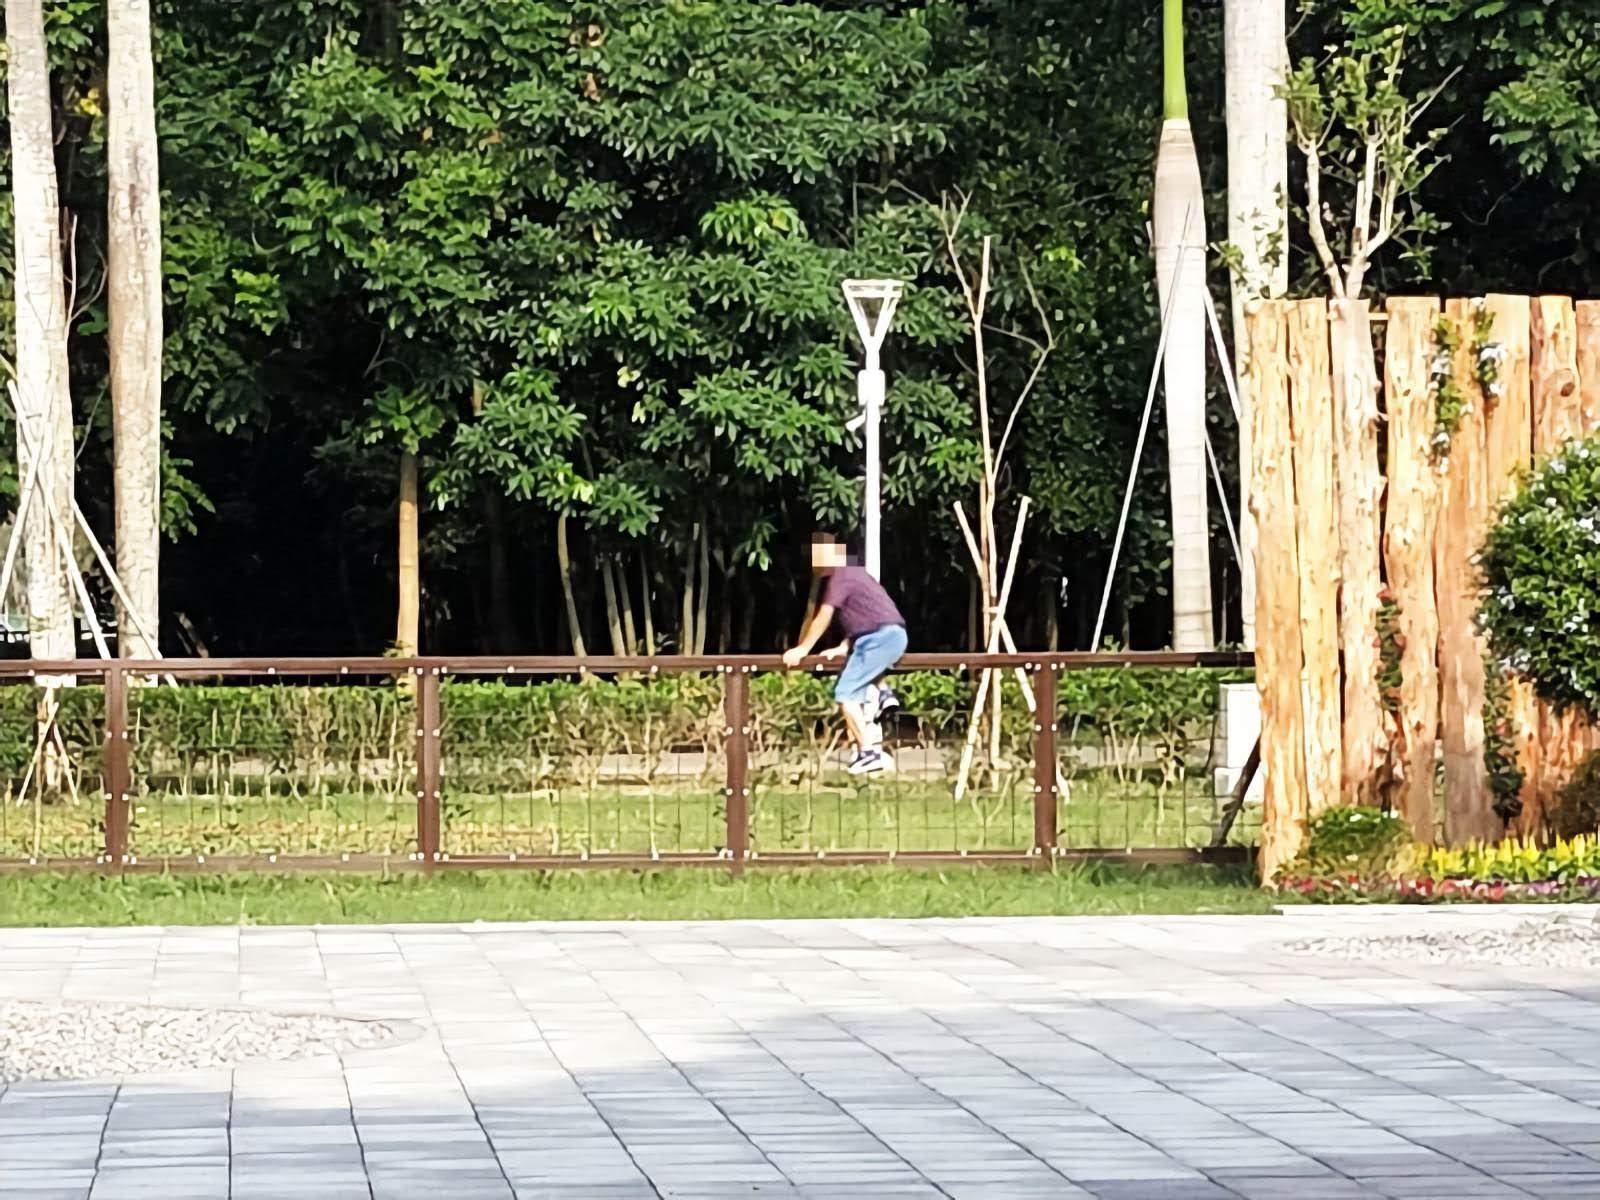 公德心已經變成不意外了?台南花園水道博物館開幕4天湧12萬人 爬護欄、坐燈柱亂象一籮筐